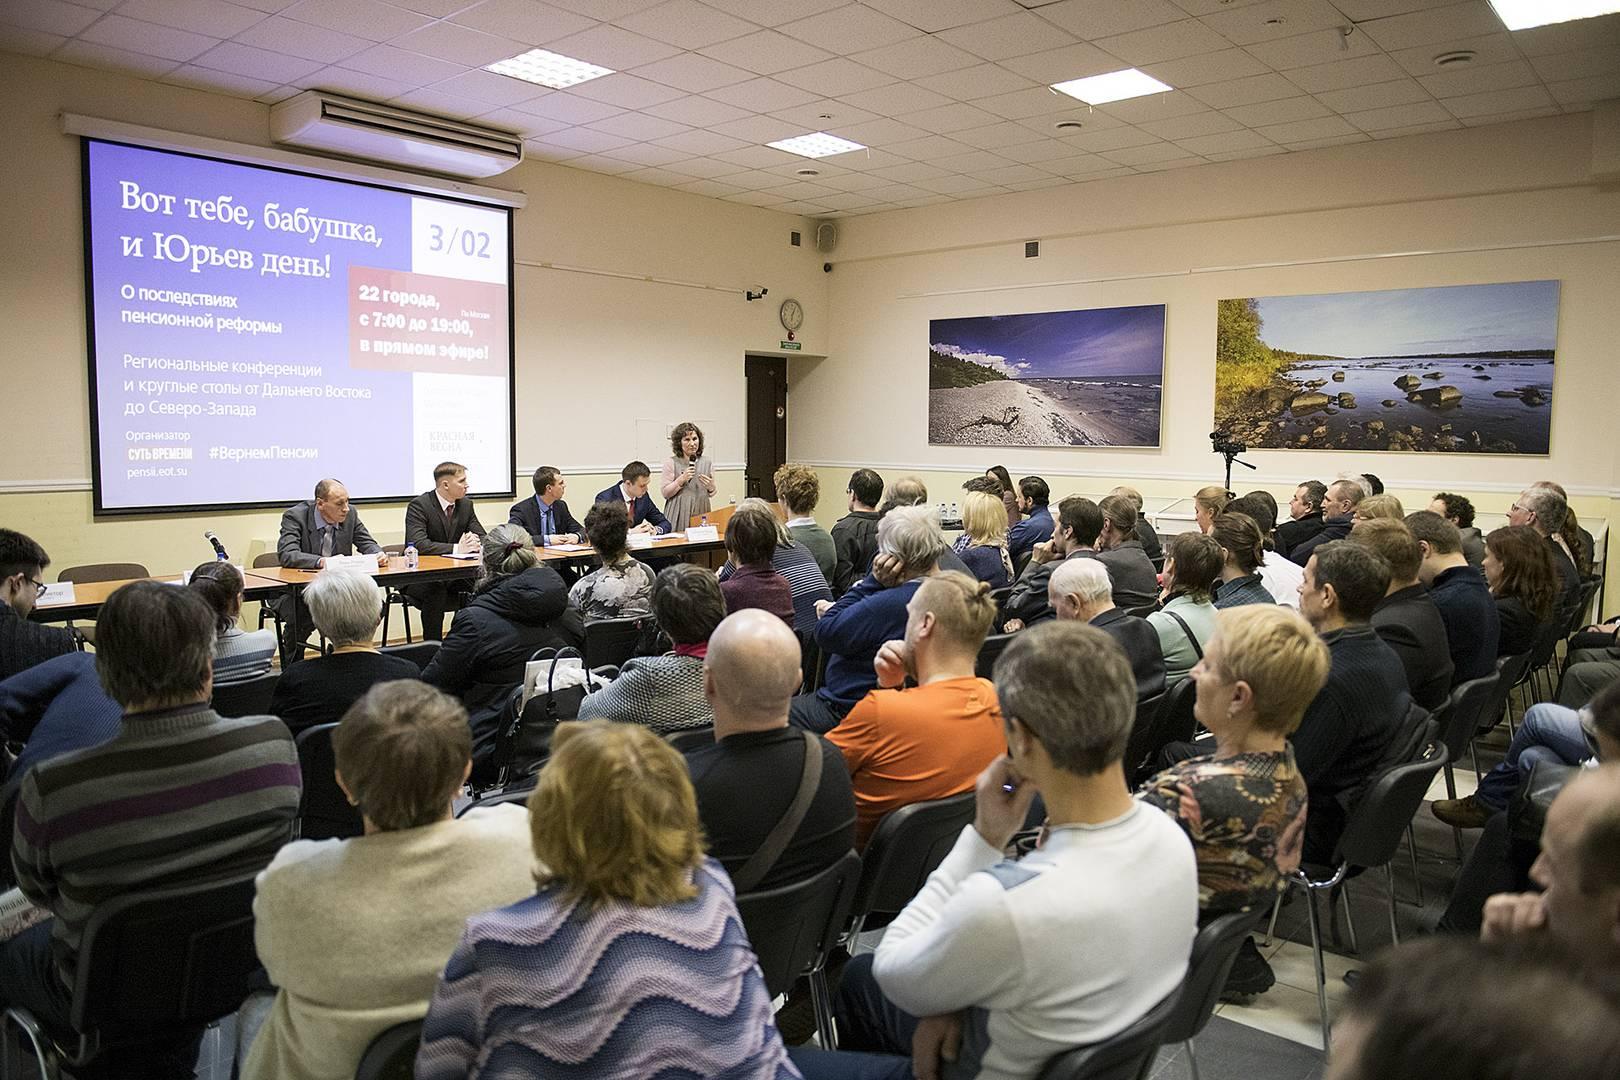 Конференция «Последствия пенсионной реформы» в Санкт-Петербурге